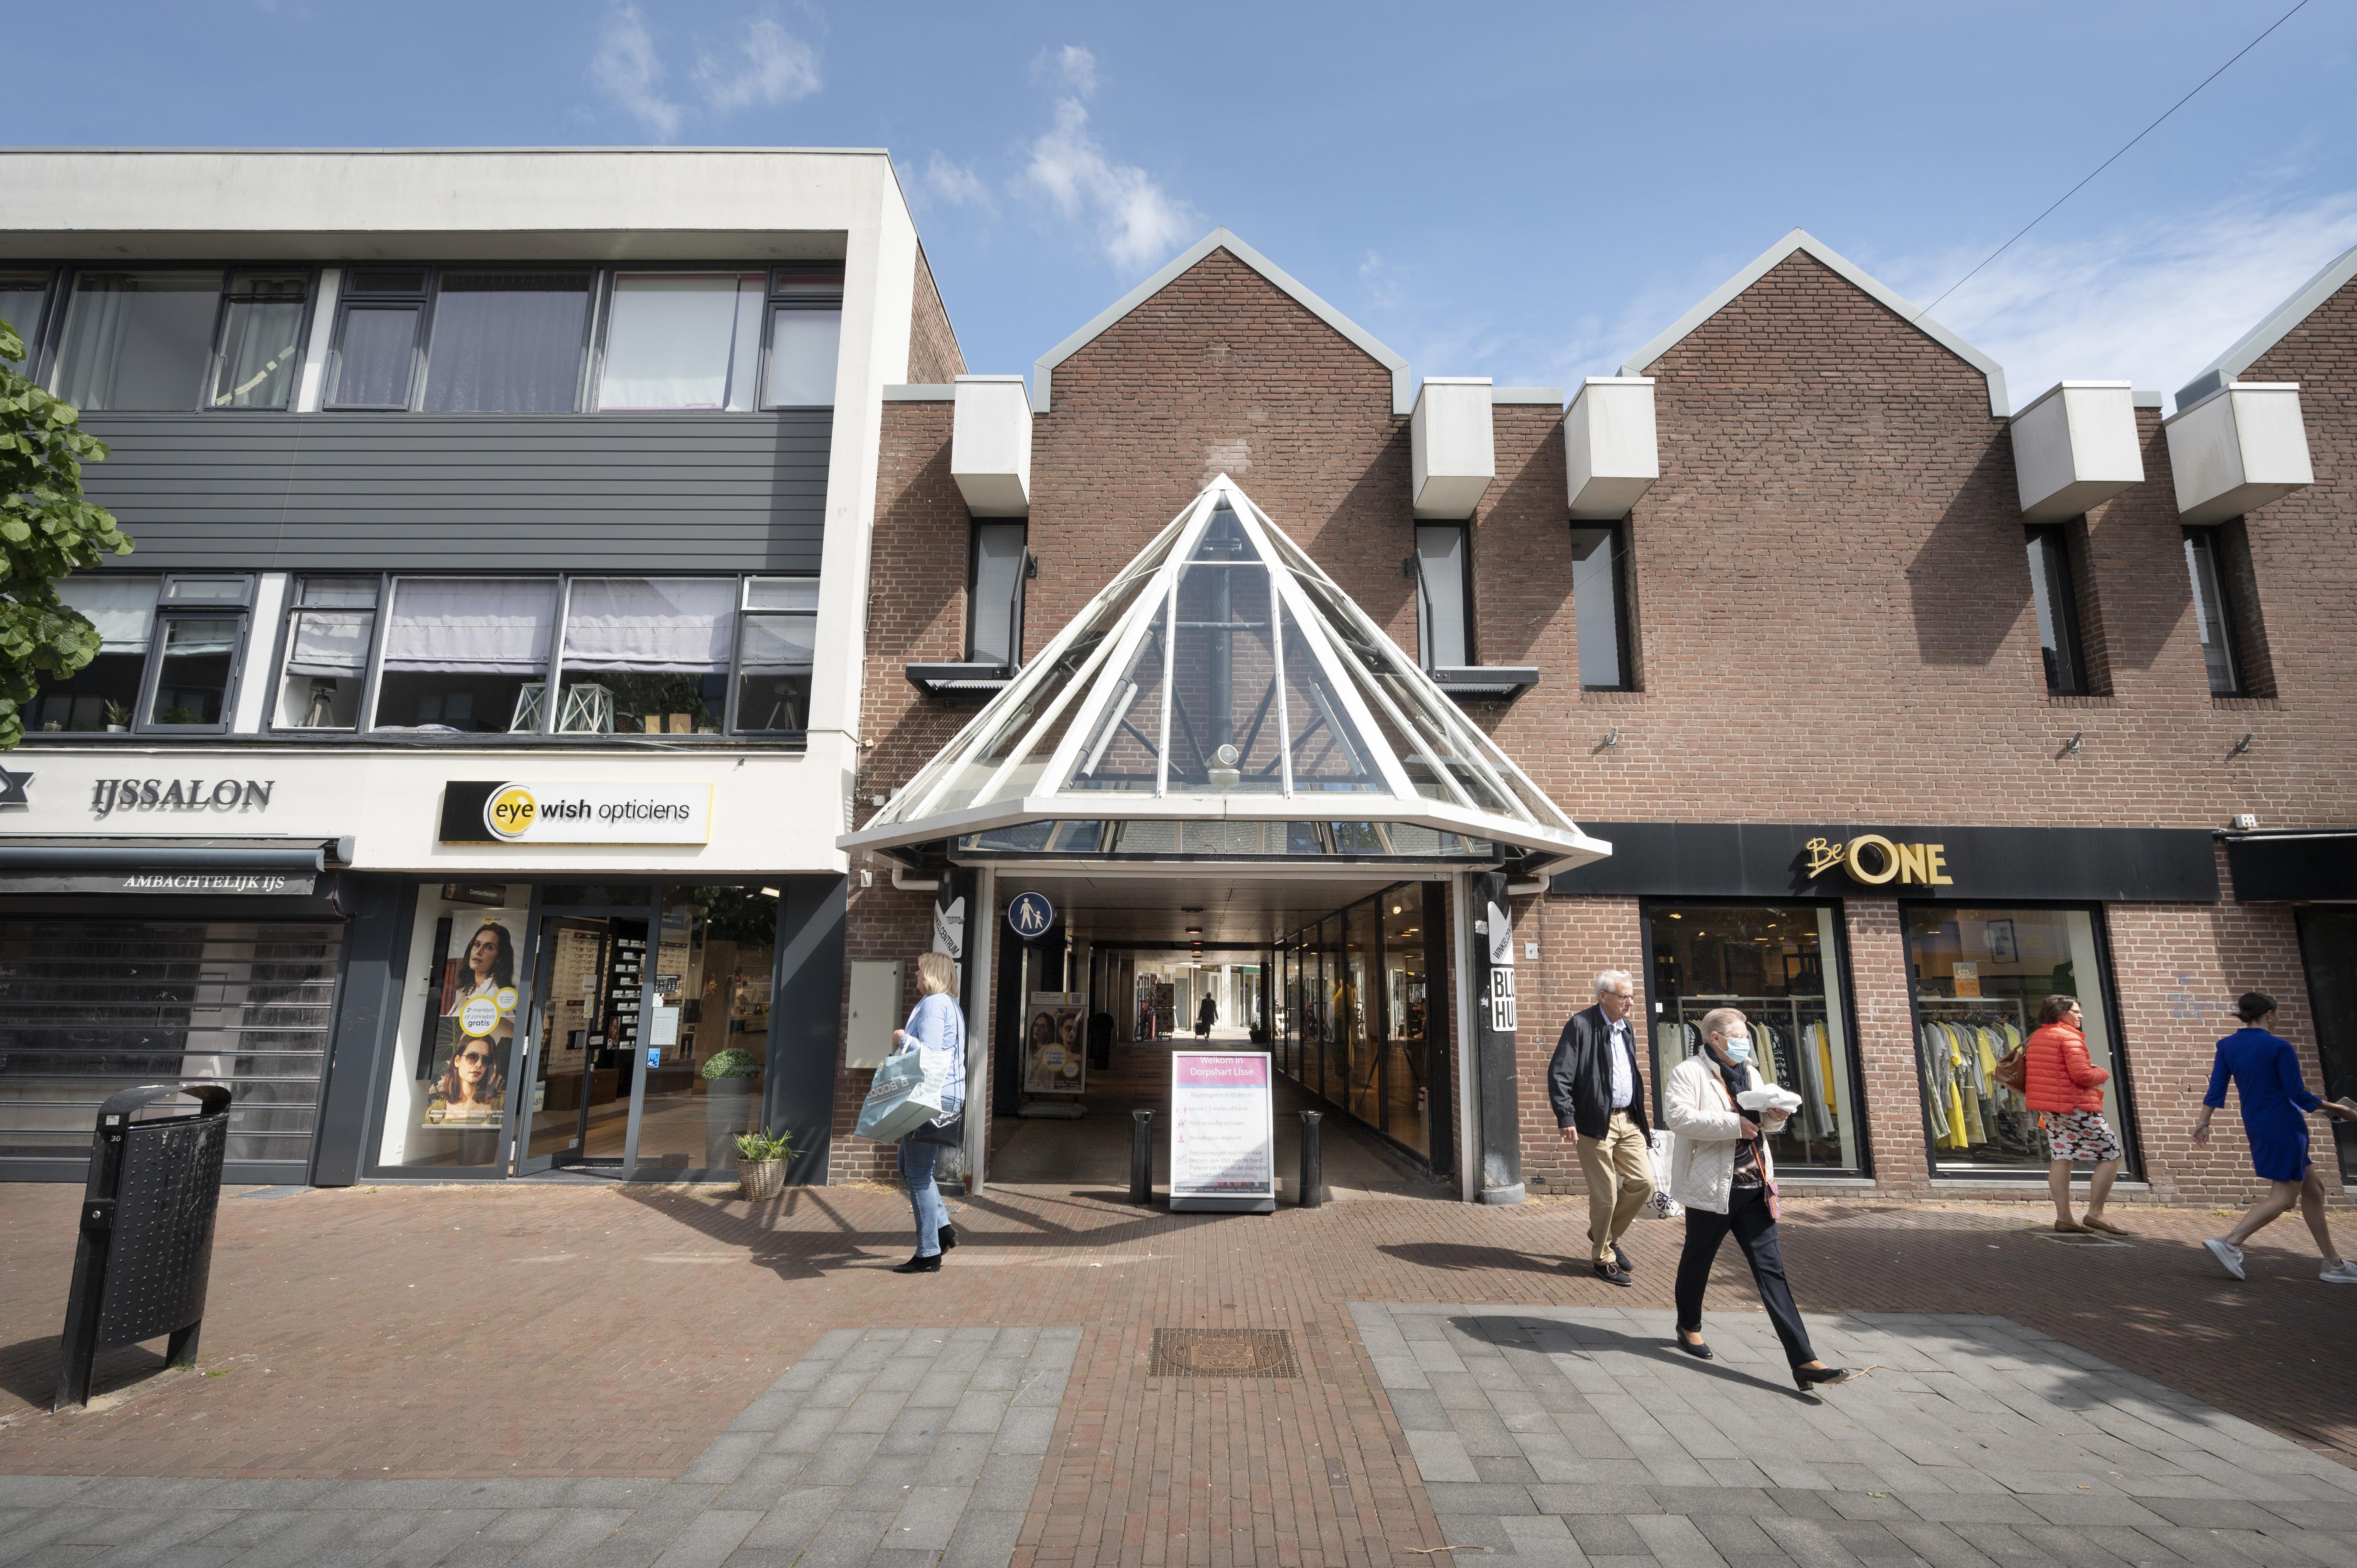 Lisse knapt winkelcentrum Blokhuis op: 'Huzarenstukje in coronatijd'